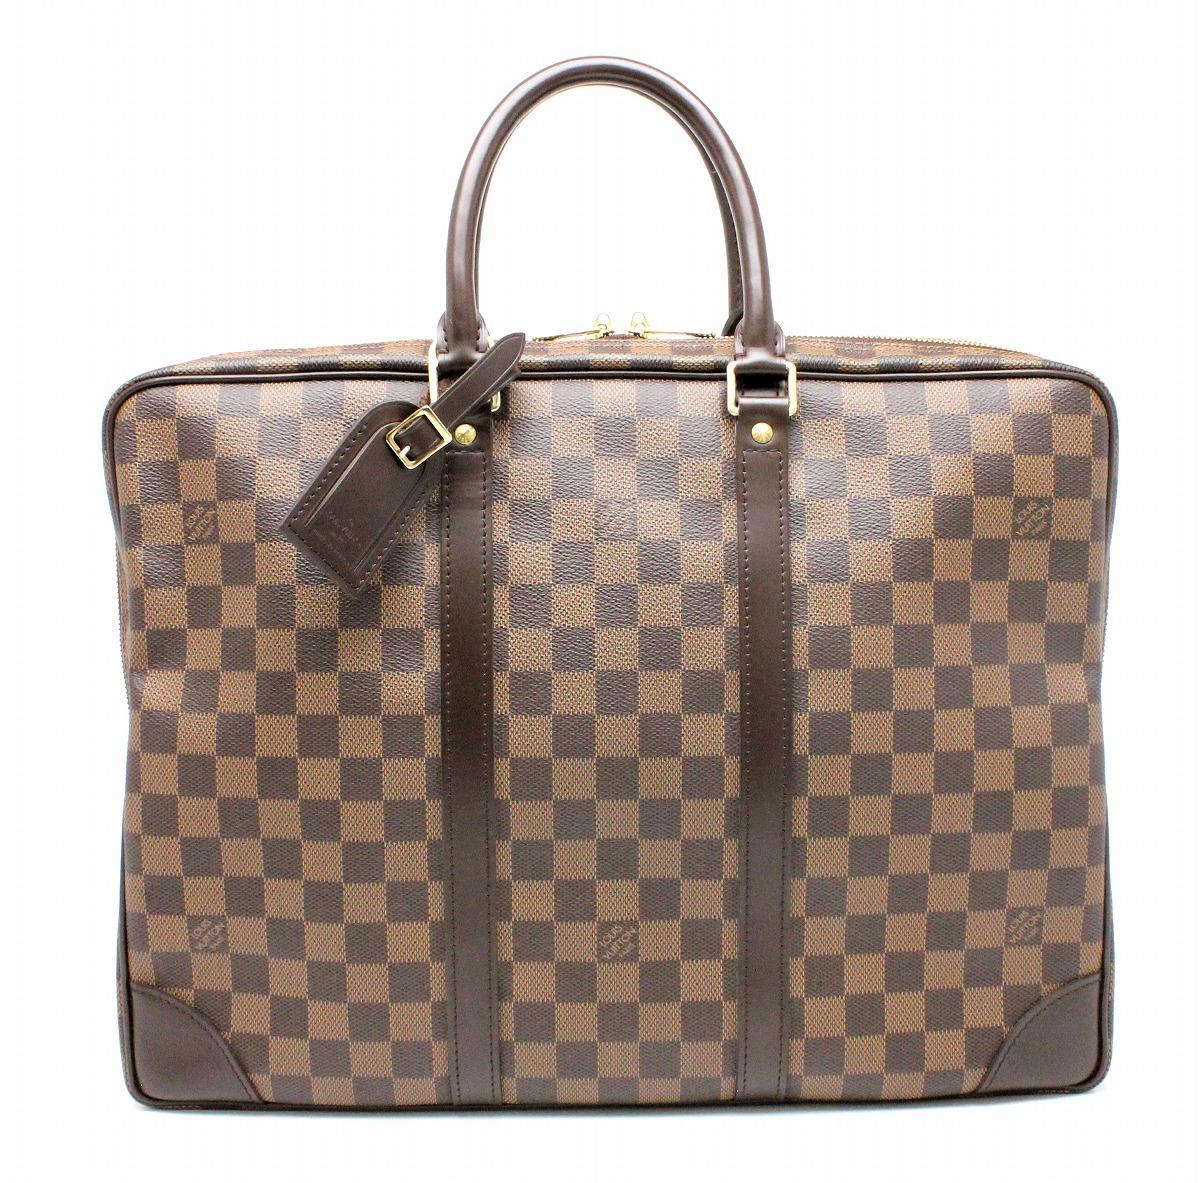 【バッグ】LOUIS VUITTON ルイ ヴィトン ダミエ ポルトドキュマン ヴォワヤージュ ビジネスバッグ 書類カバン ブリーフケース ベタなし N41124 【中古】【k】